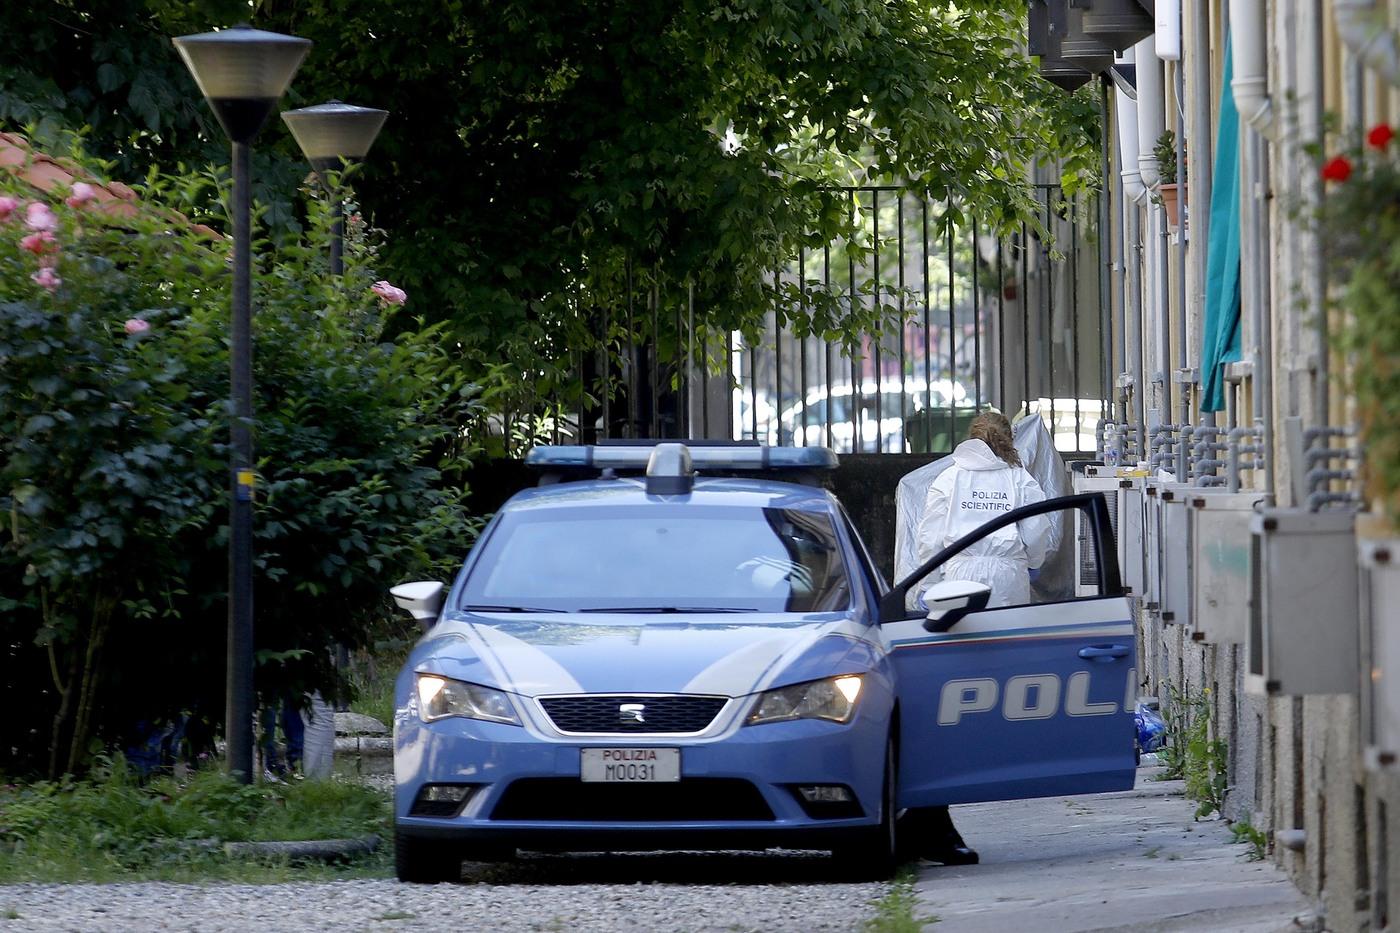 """Padova, rapito bimbo di 5 anni strappato dalle braccia della madre: è caccia al padre in fuga, appelli su tutti i social: """"Aiutatemi"""""""